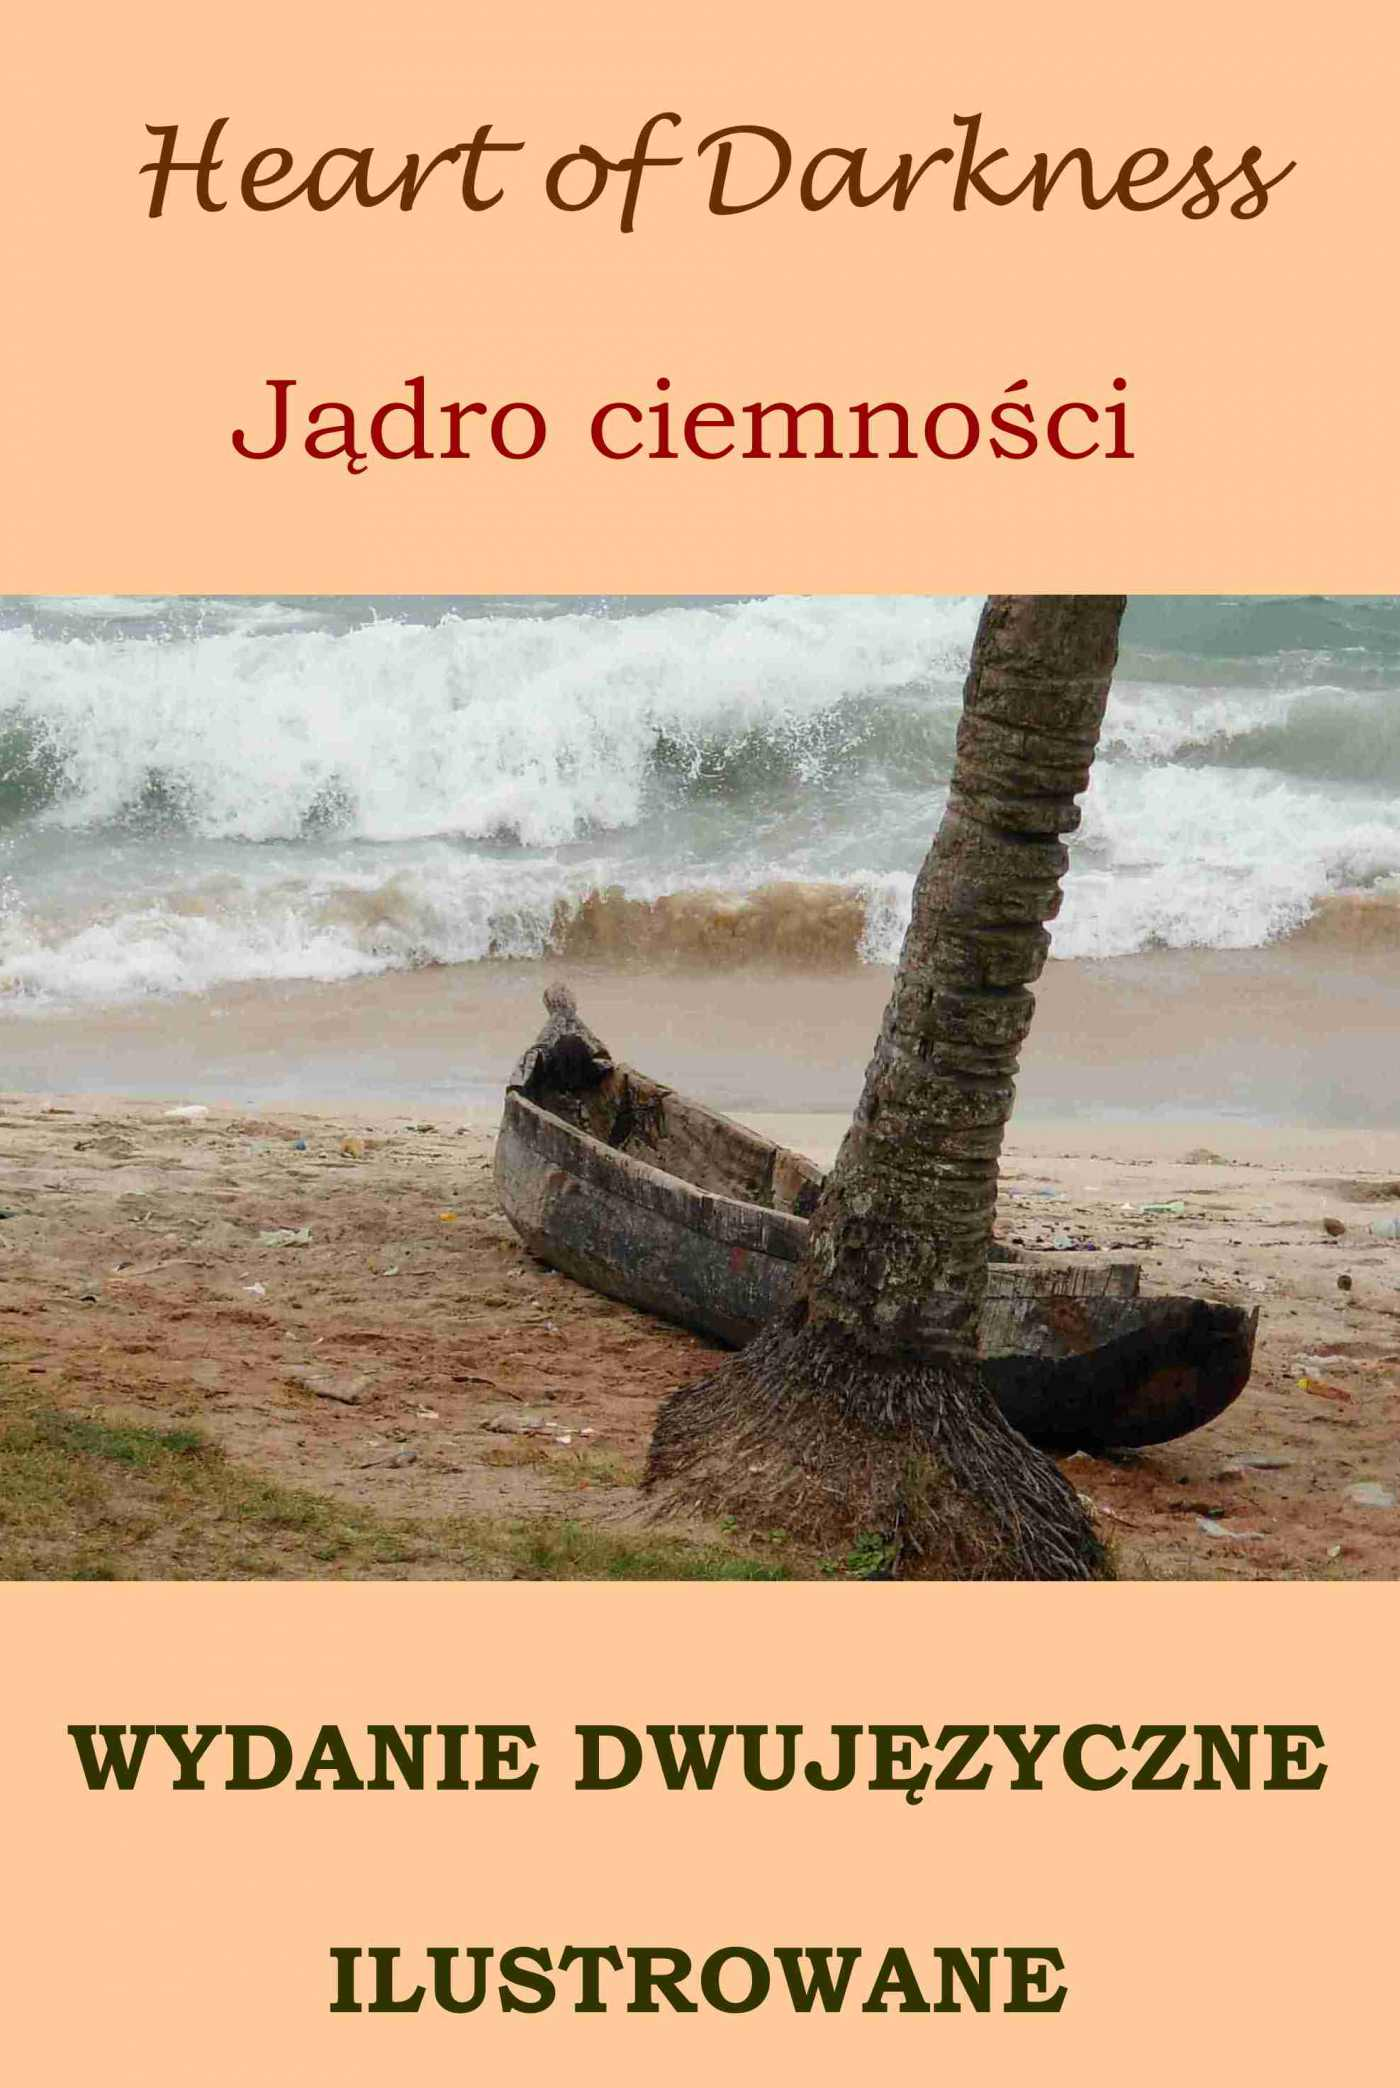 Jądro ciemności. Wydanie dwujęzyczne (angielsko-polskie)  ilustrowane - Ebook (Książka PDF) do pobrania w formacie PDF